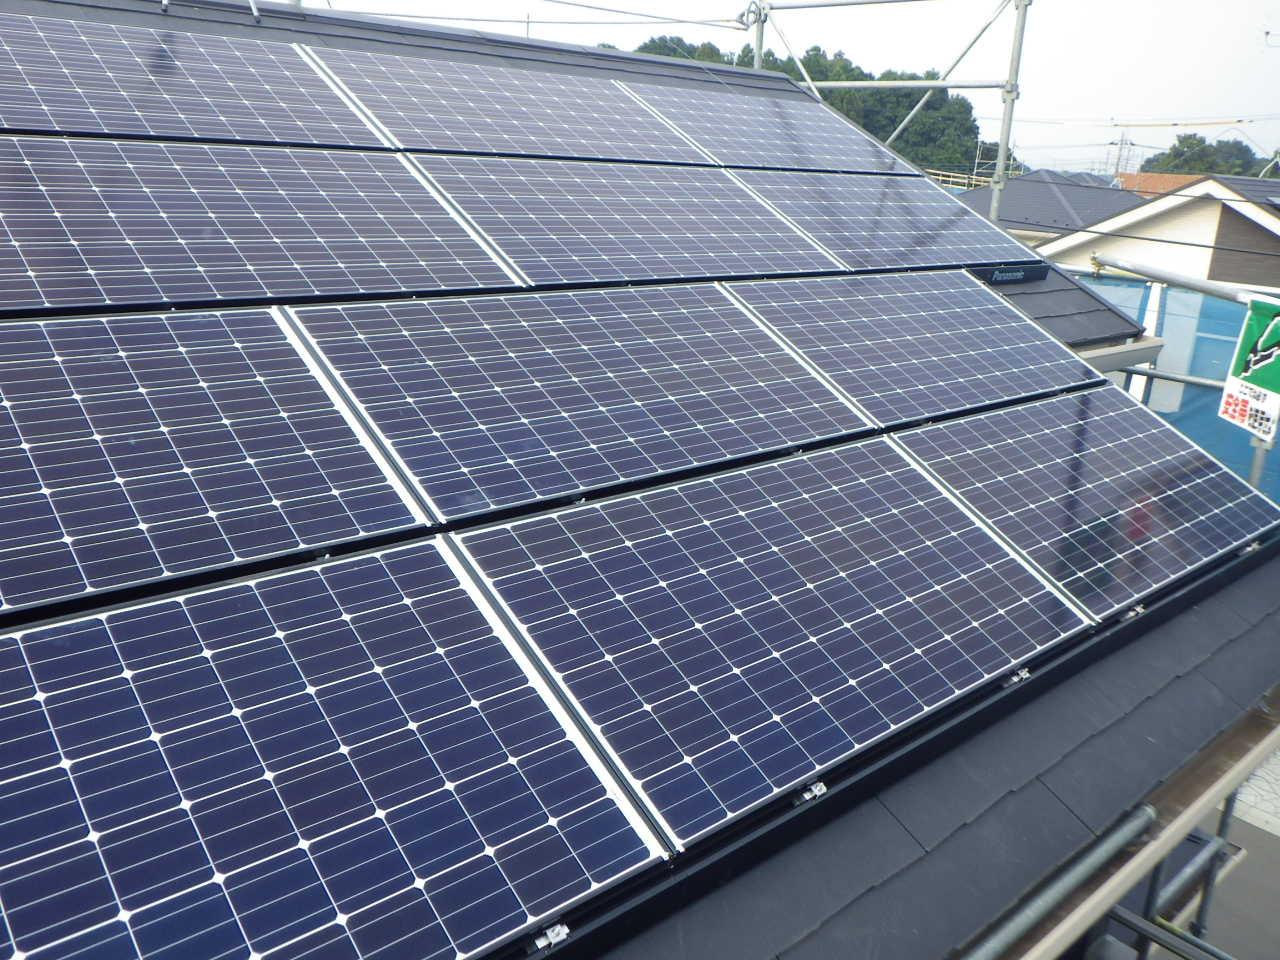 スレート屋根への太陽光パネル設置工事を行いました。in真岡市